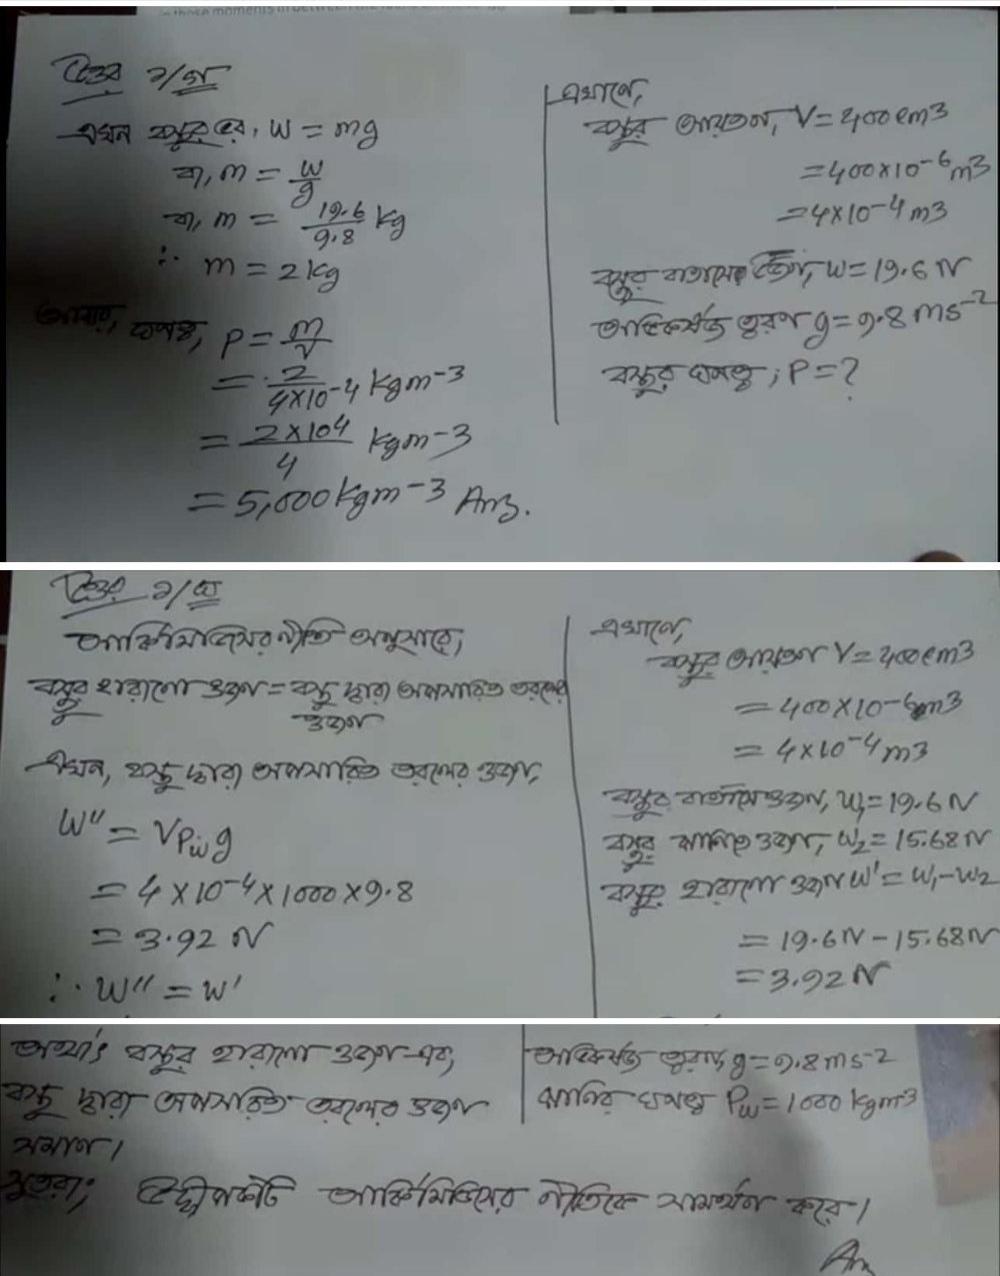 ভোকেশনাল নবম/৯ম শ্রেণীর পদার্থ বিজ্ঞান এসাইনমেন্ট সমাধান (৫ম সপ্তাহ)   Vocational Assignment Solution Physics Class 9